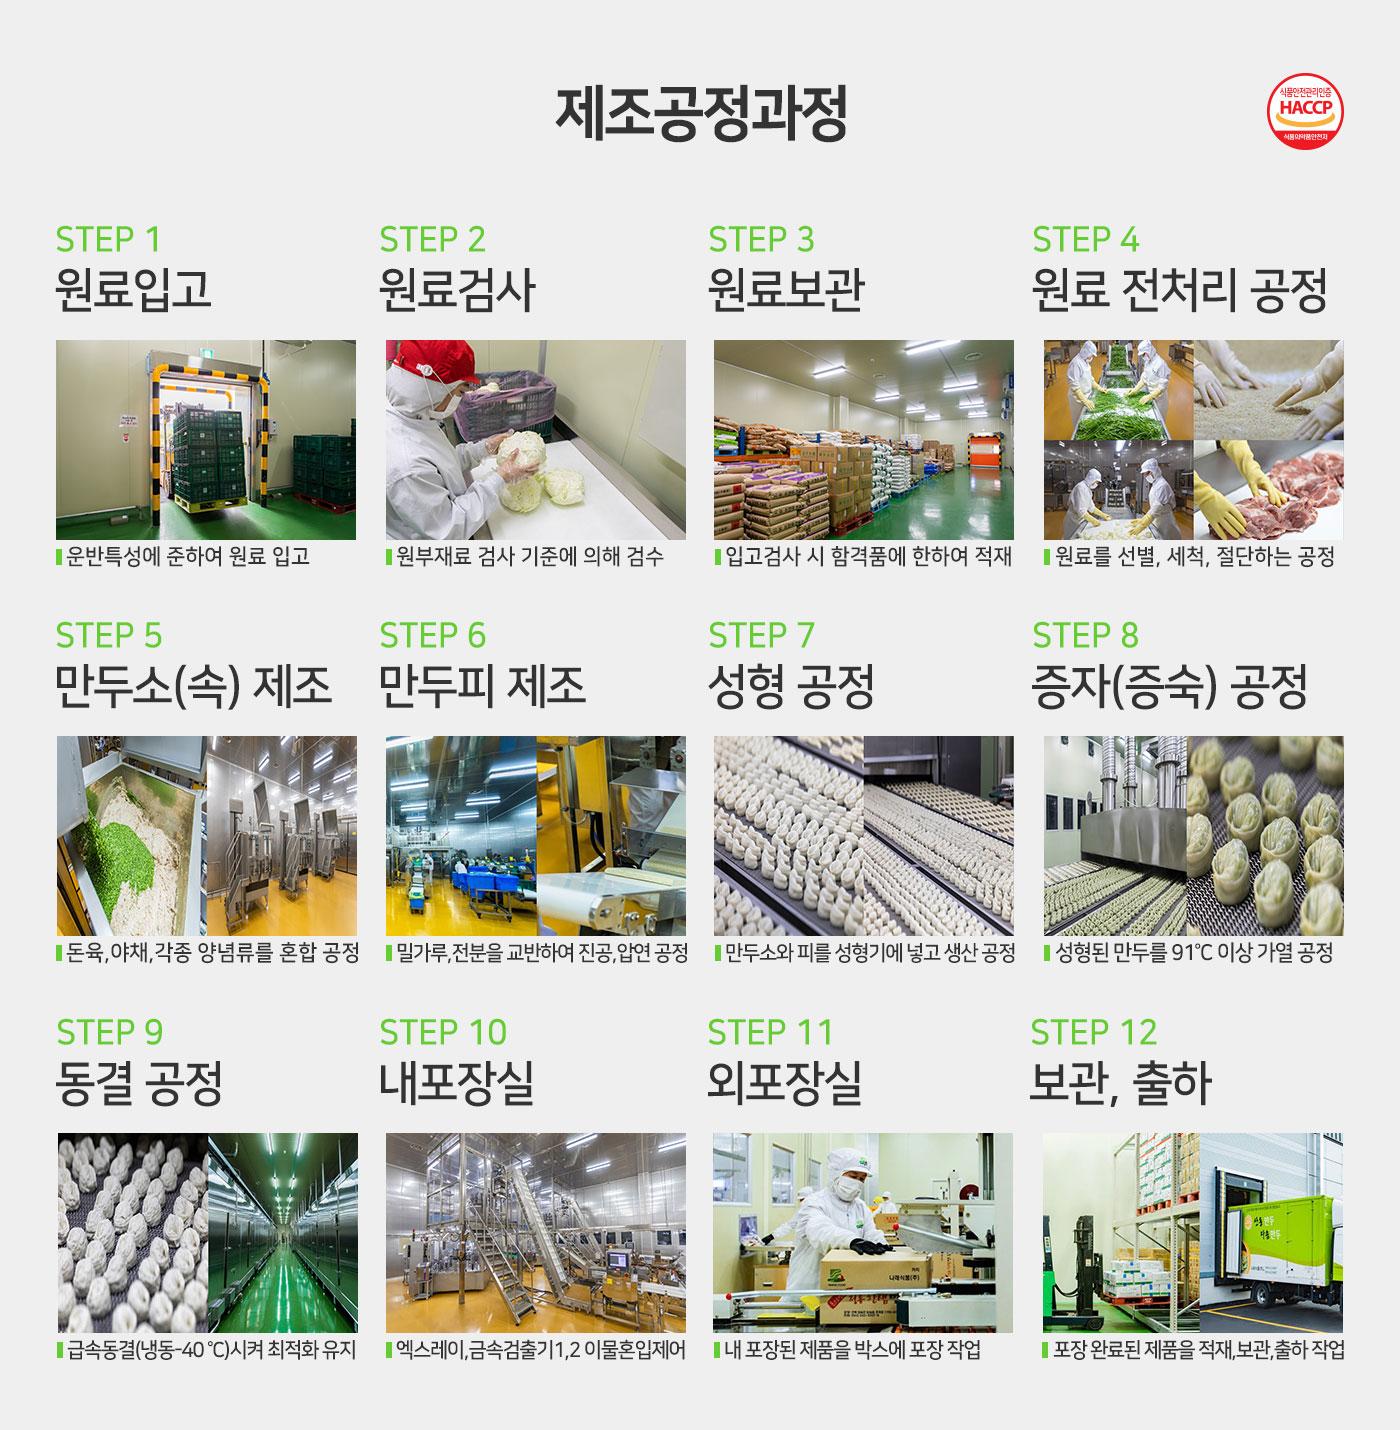 산동만두 나래식품 만두 제조공정과정